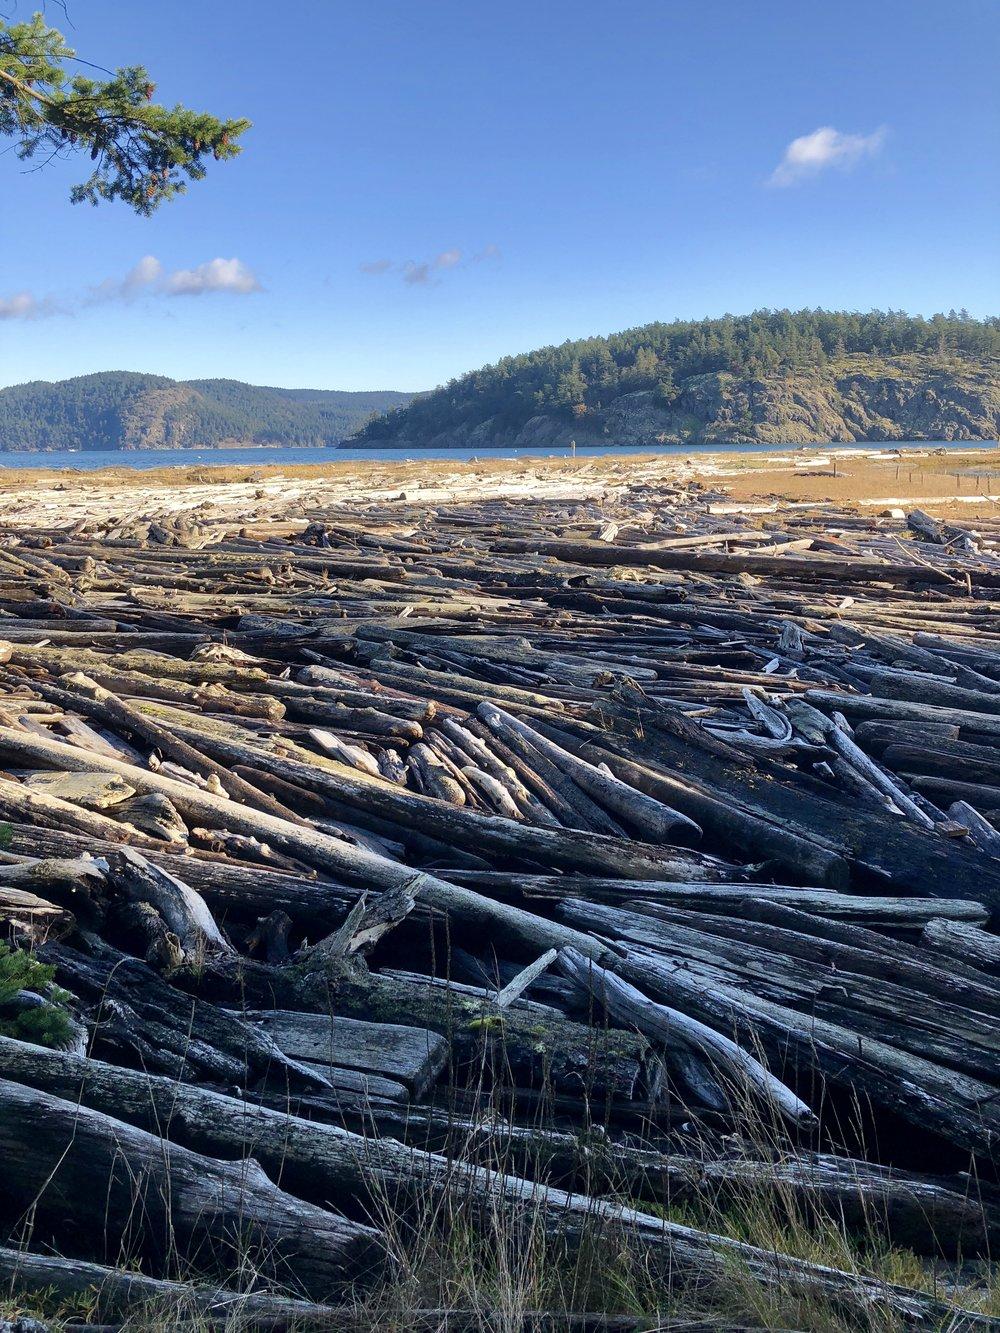 Driftwood at Spencer Spit